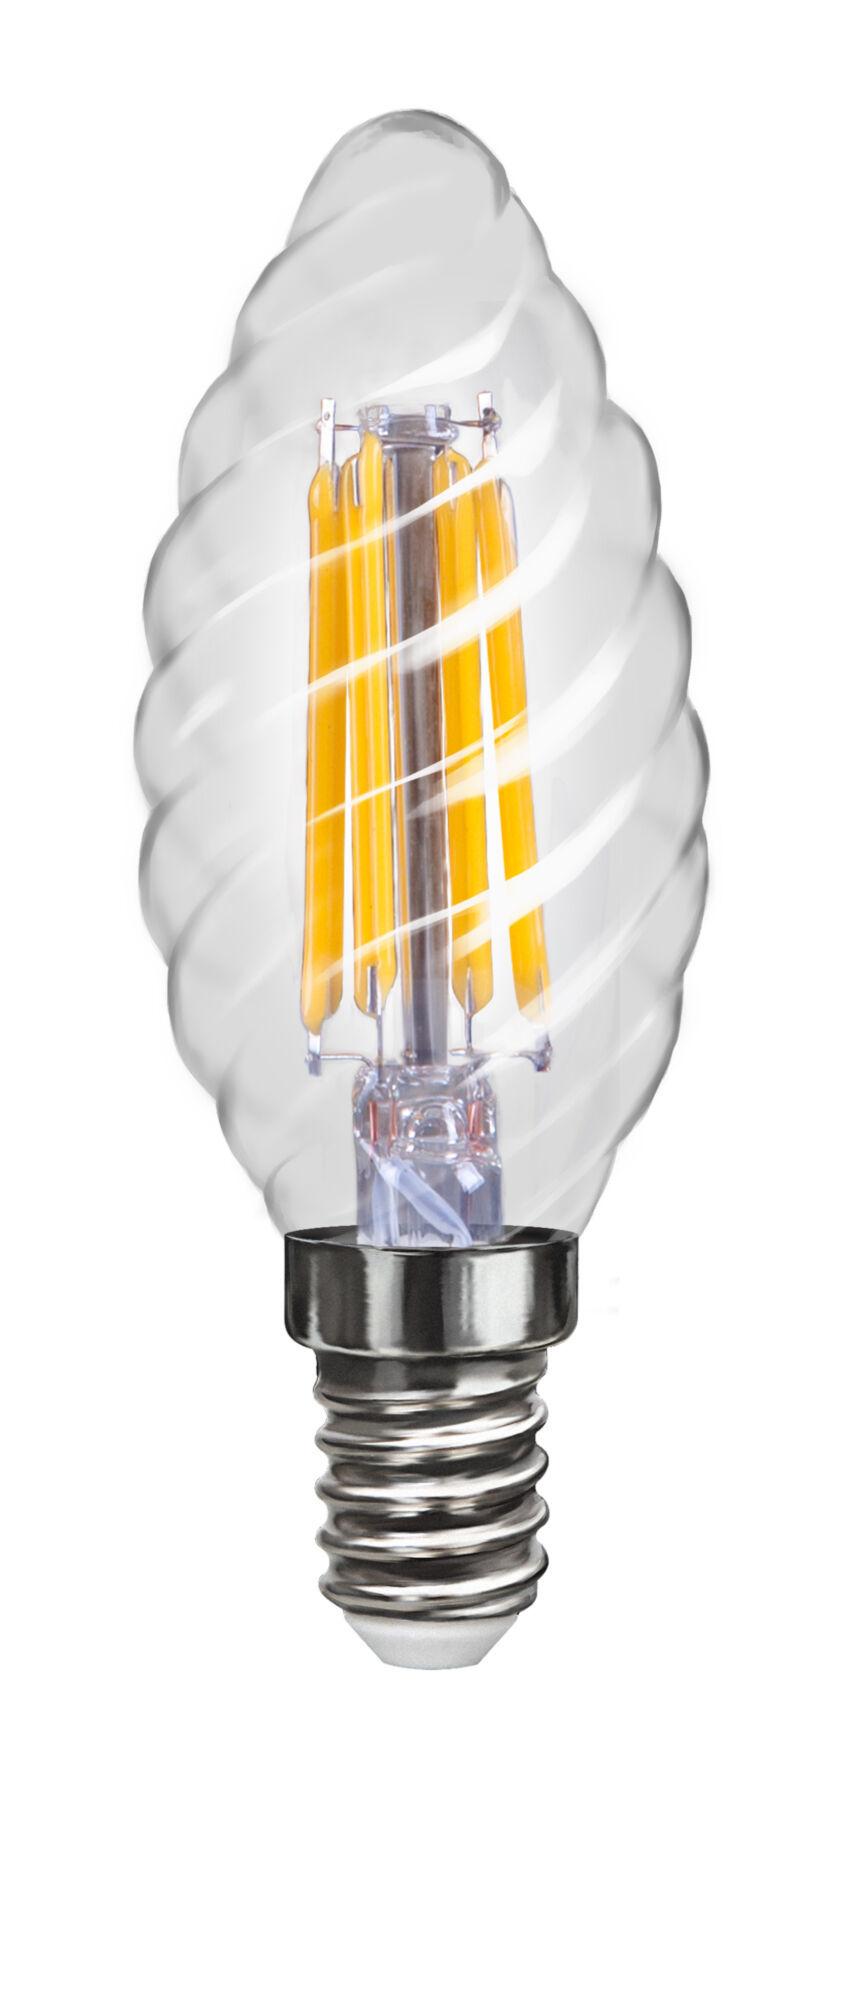 Филаментная светодиодная лампа Voltega Crystal 7003 - фото 1